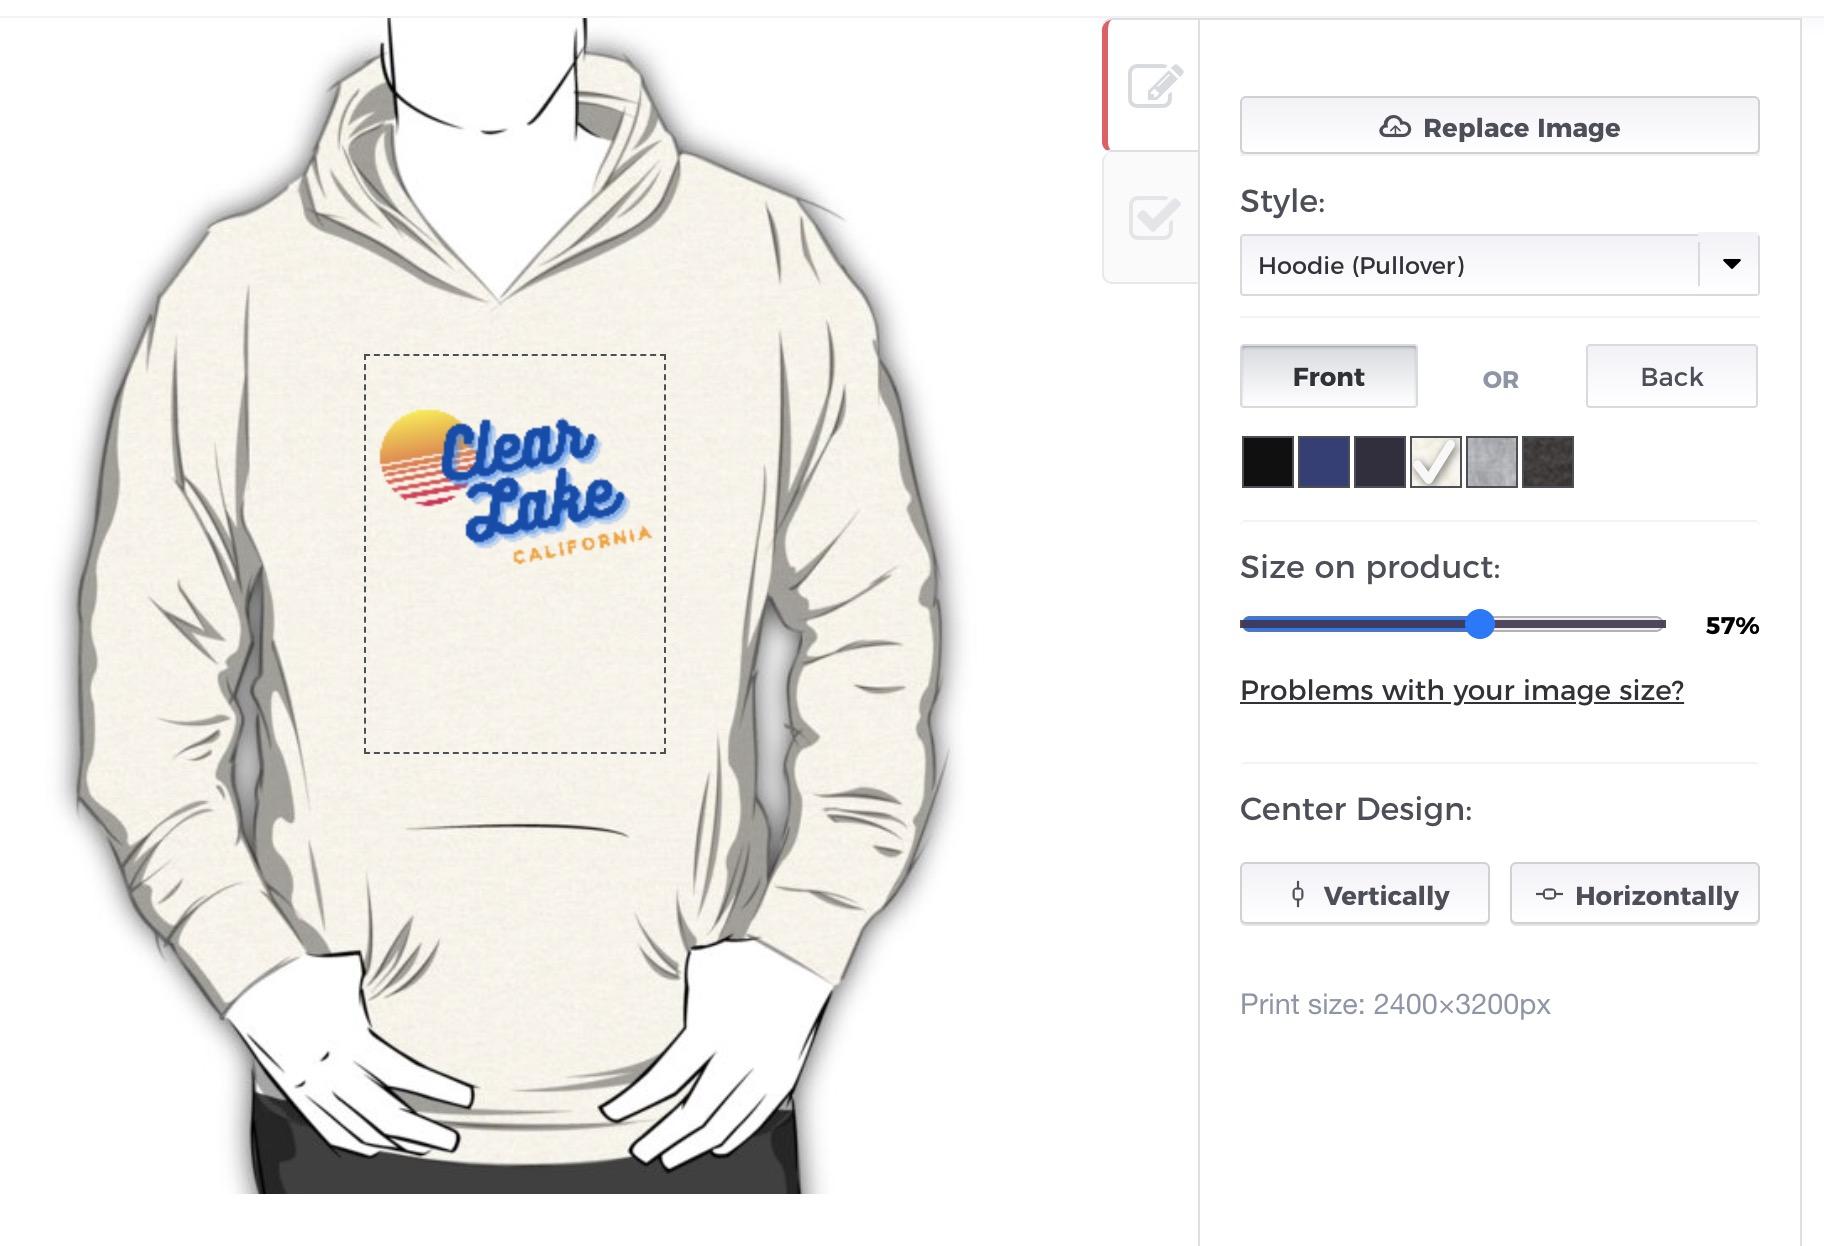 diy custom hoodie, custom printed hoodie redbubble, diy custom hoodies for family